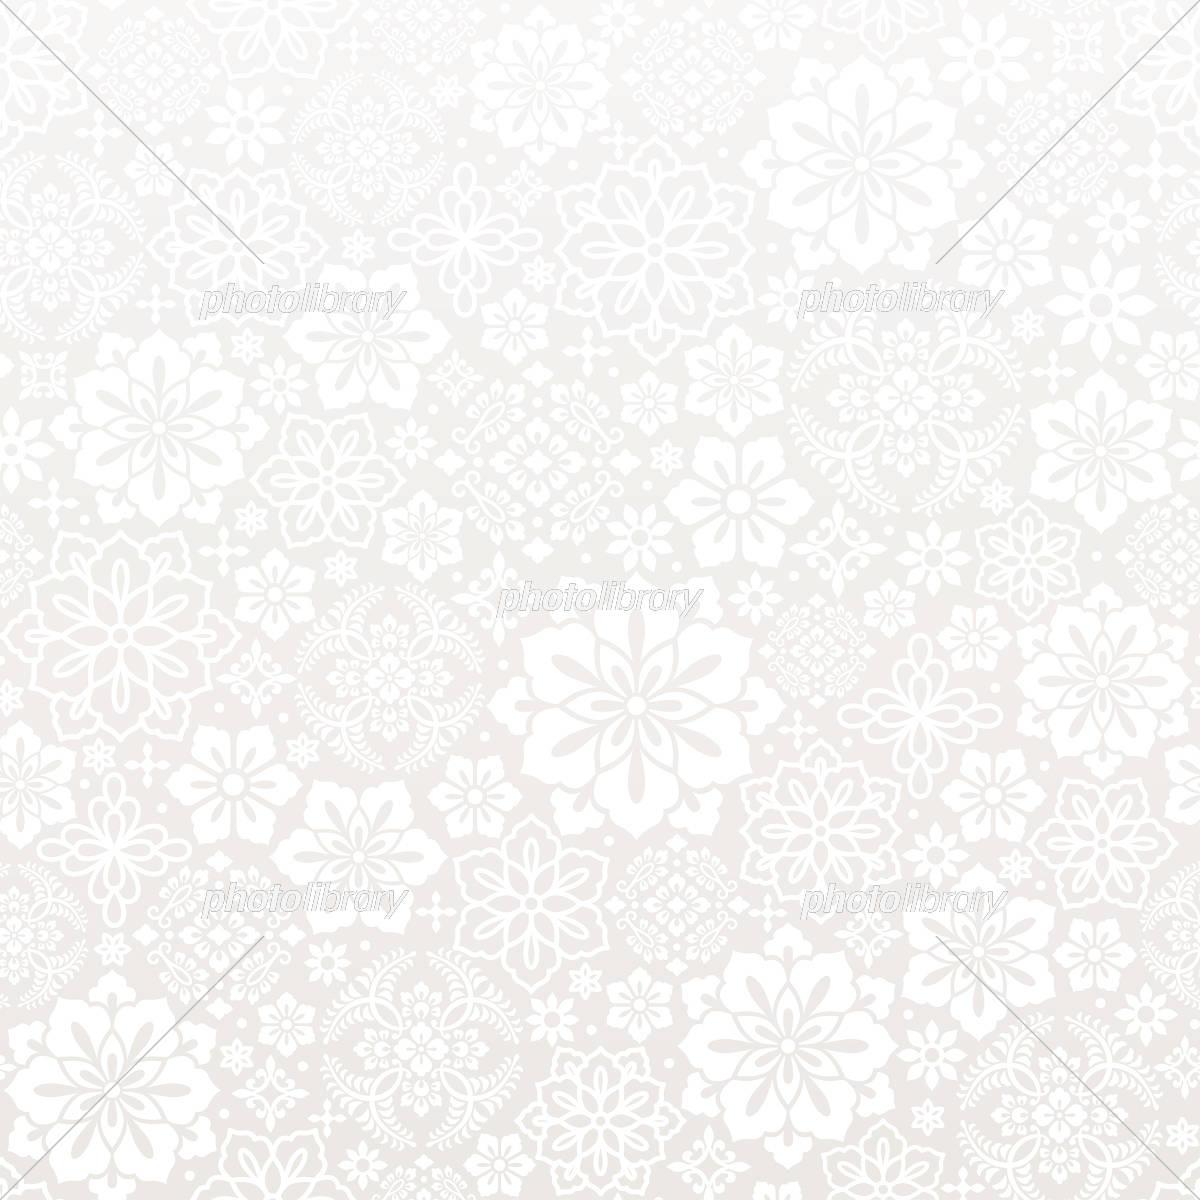 中国 華 白背景 イラスト素材 6100453 フォトライブラリー